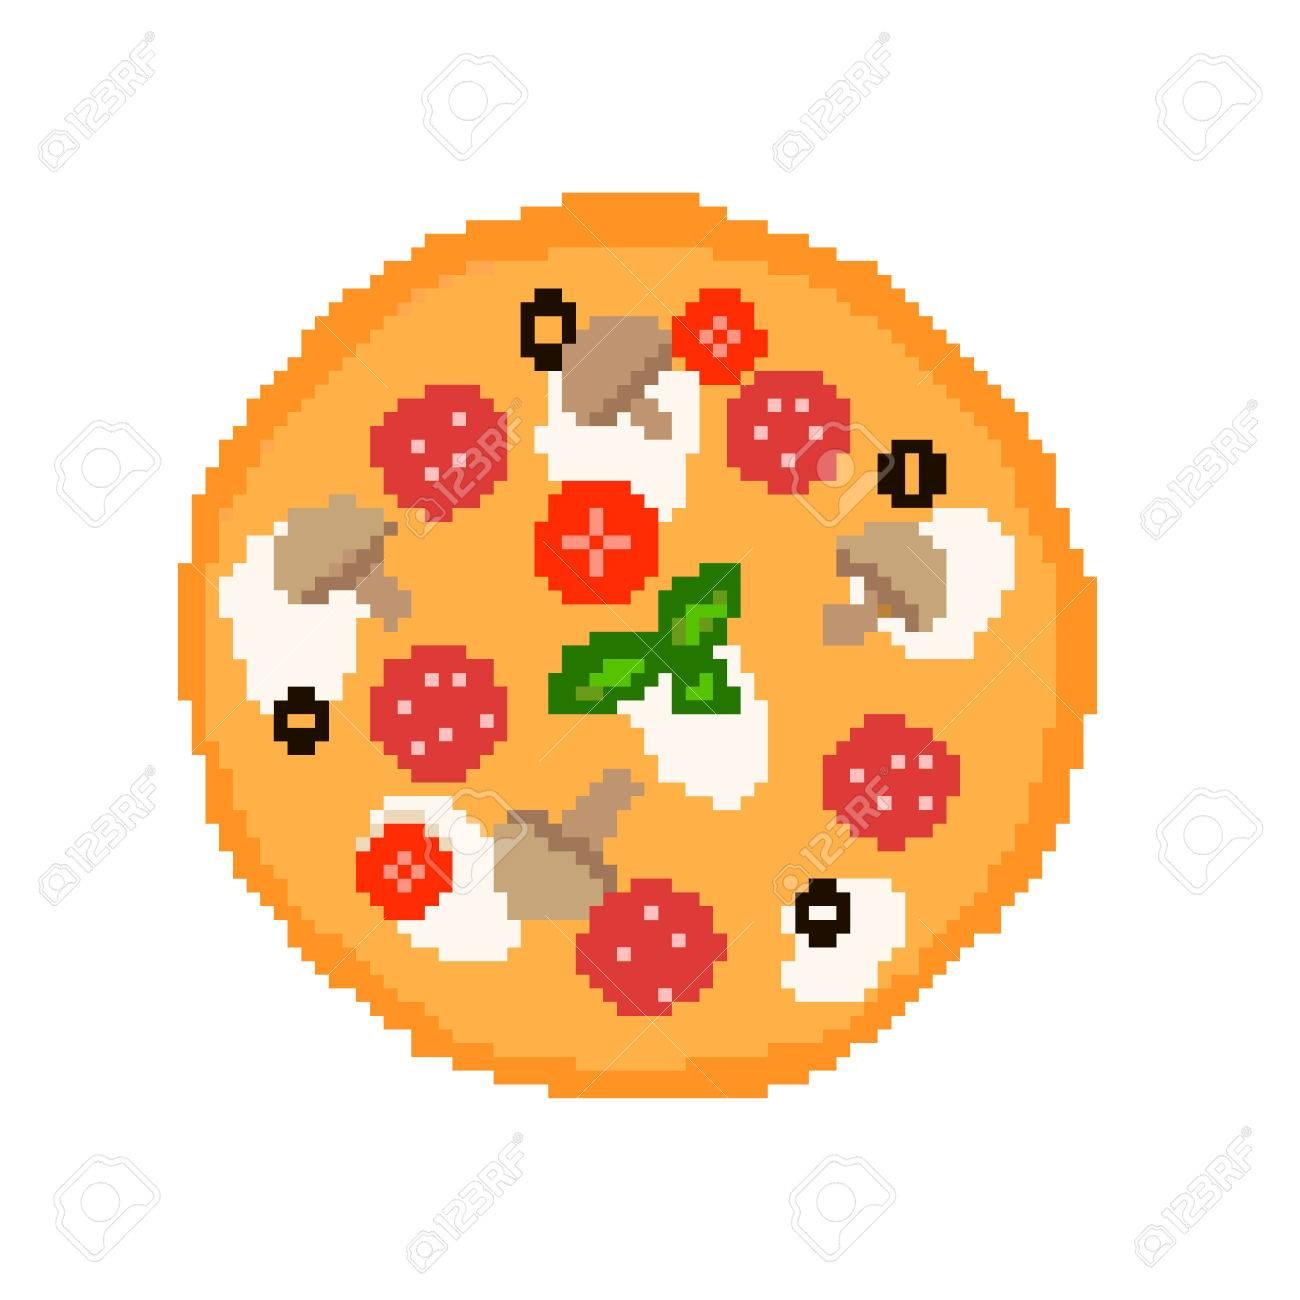 Illustration 8 Bits Pixel Art Dessin Animé Nourriture Pizza Avec Salami Tomates Champignons Olives Mozzarella Basilic Cuit Isolé Sur Fond Blanc